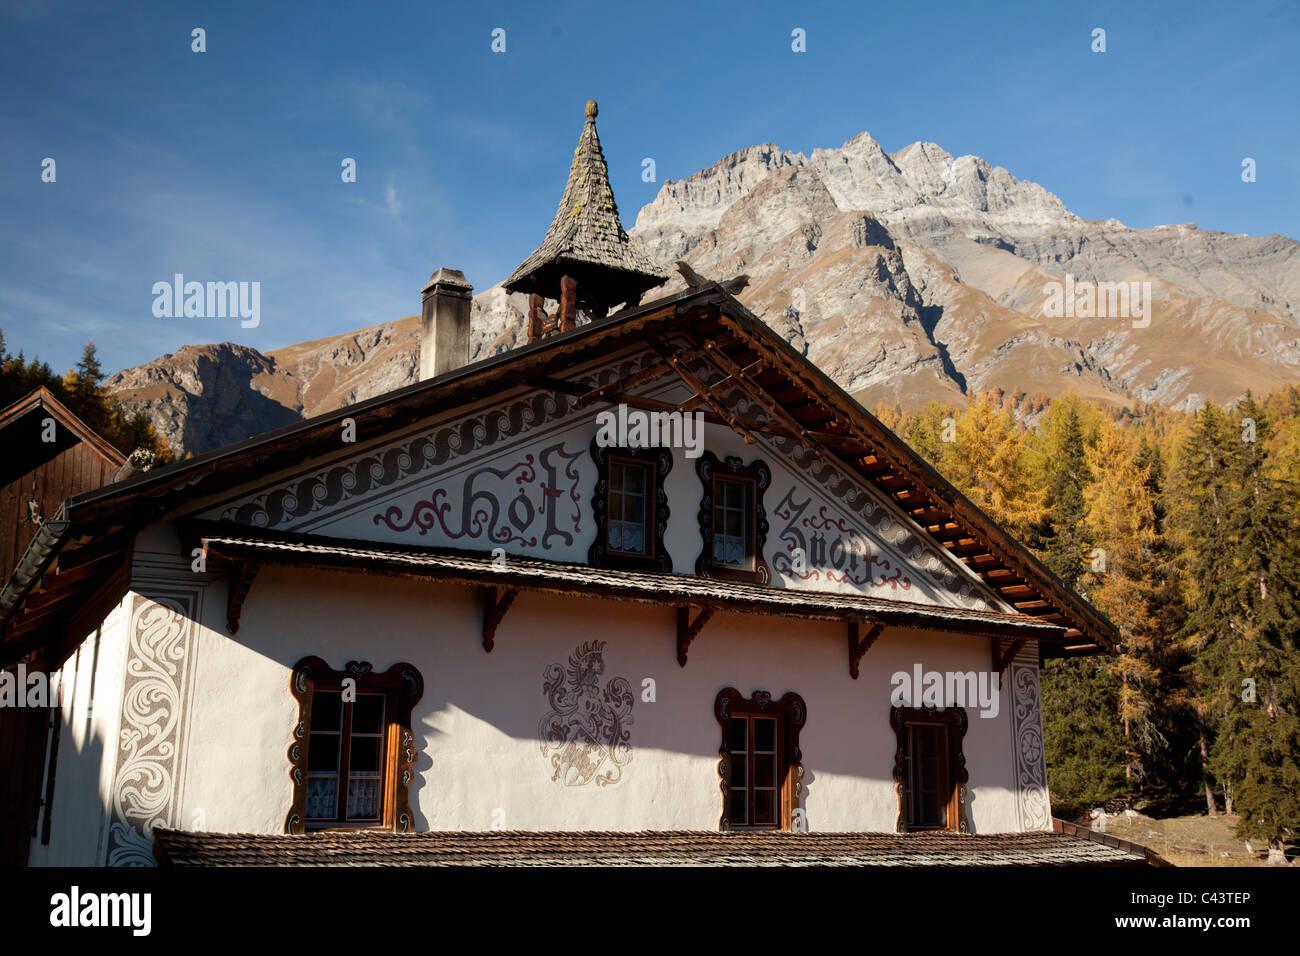 Berggasthaus, Choglias, Gasthaus, Gasthof, Graubünden, Graubünden, Herbststimmung, Schweiz, Europa, Sent, Stockbild